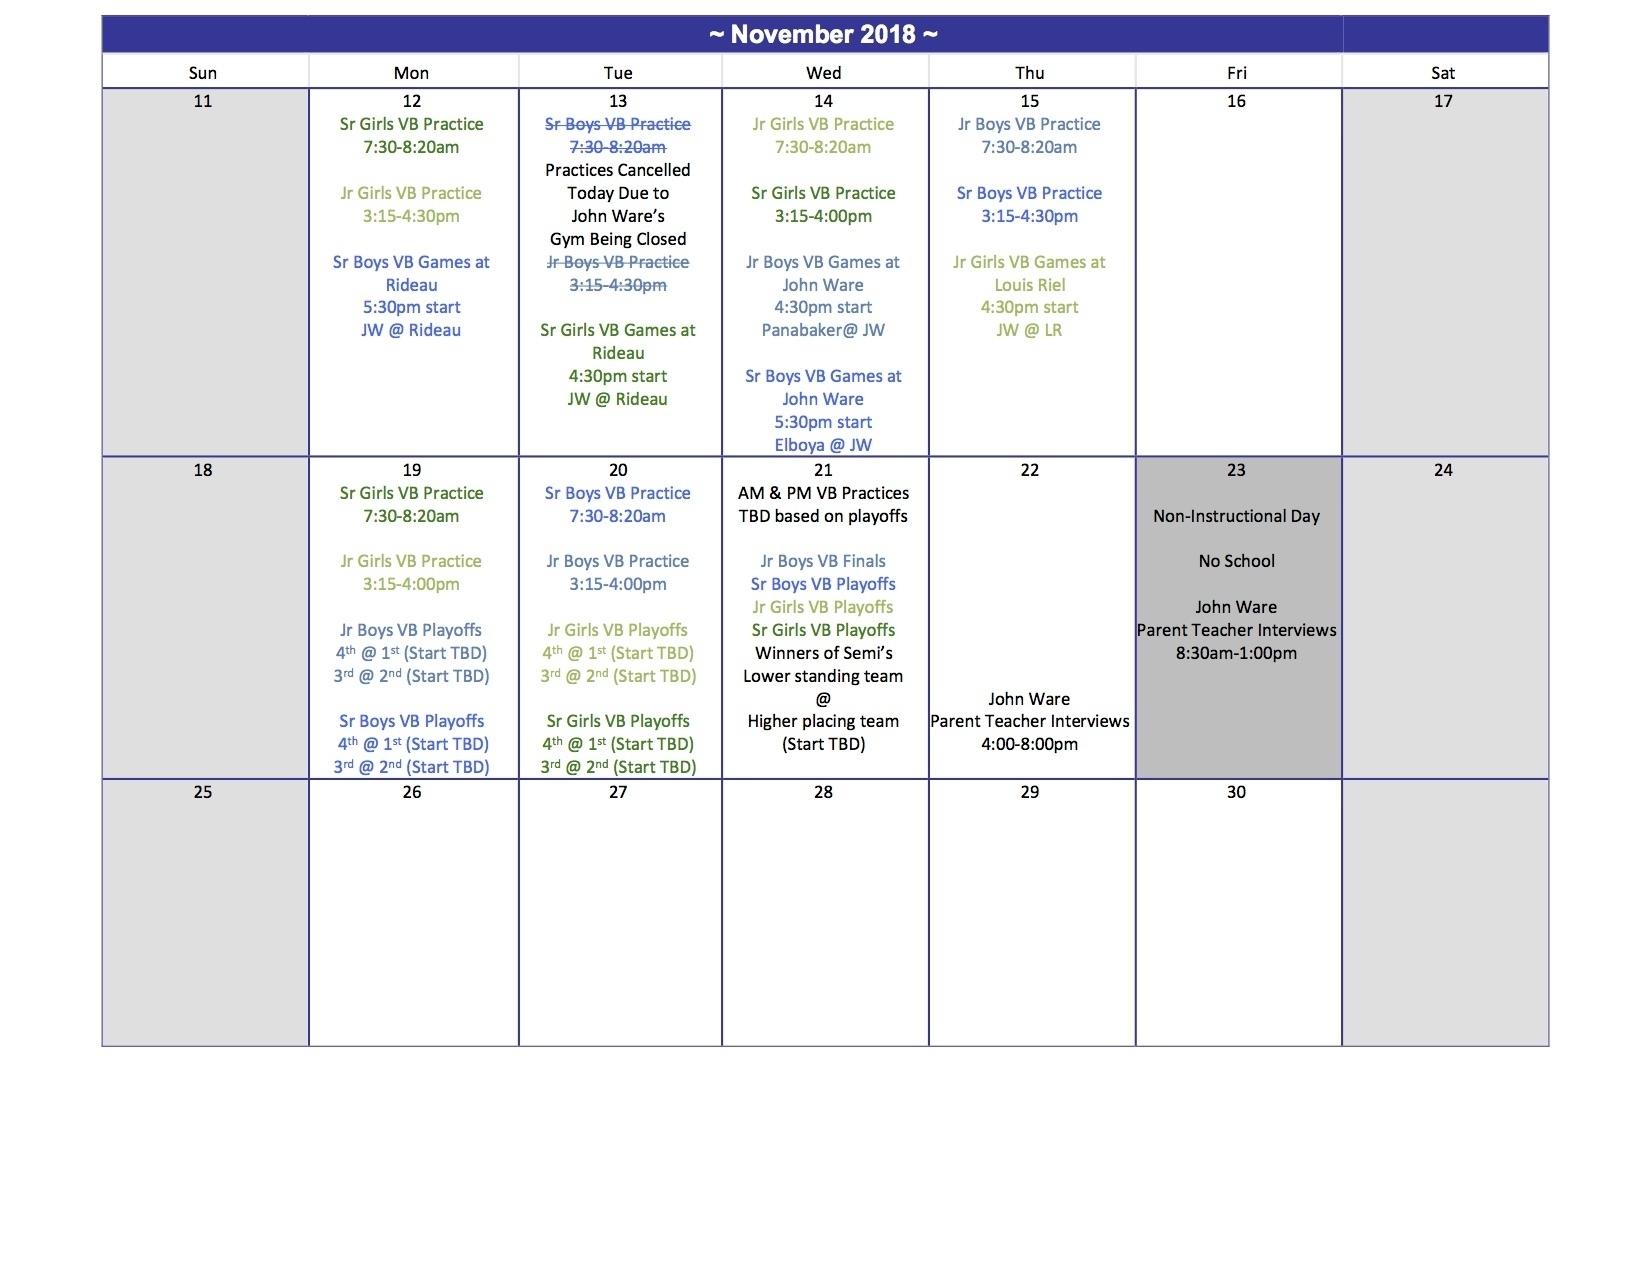 W O Mitchell School Calendar | Get Free Calendar intended for Wo Mitchell School Calendar